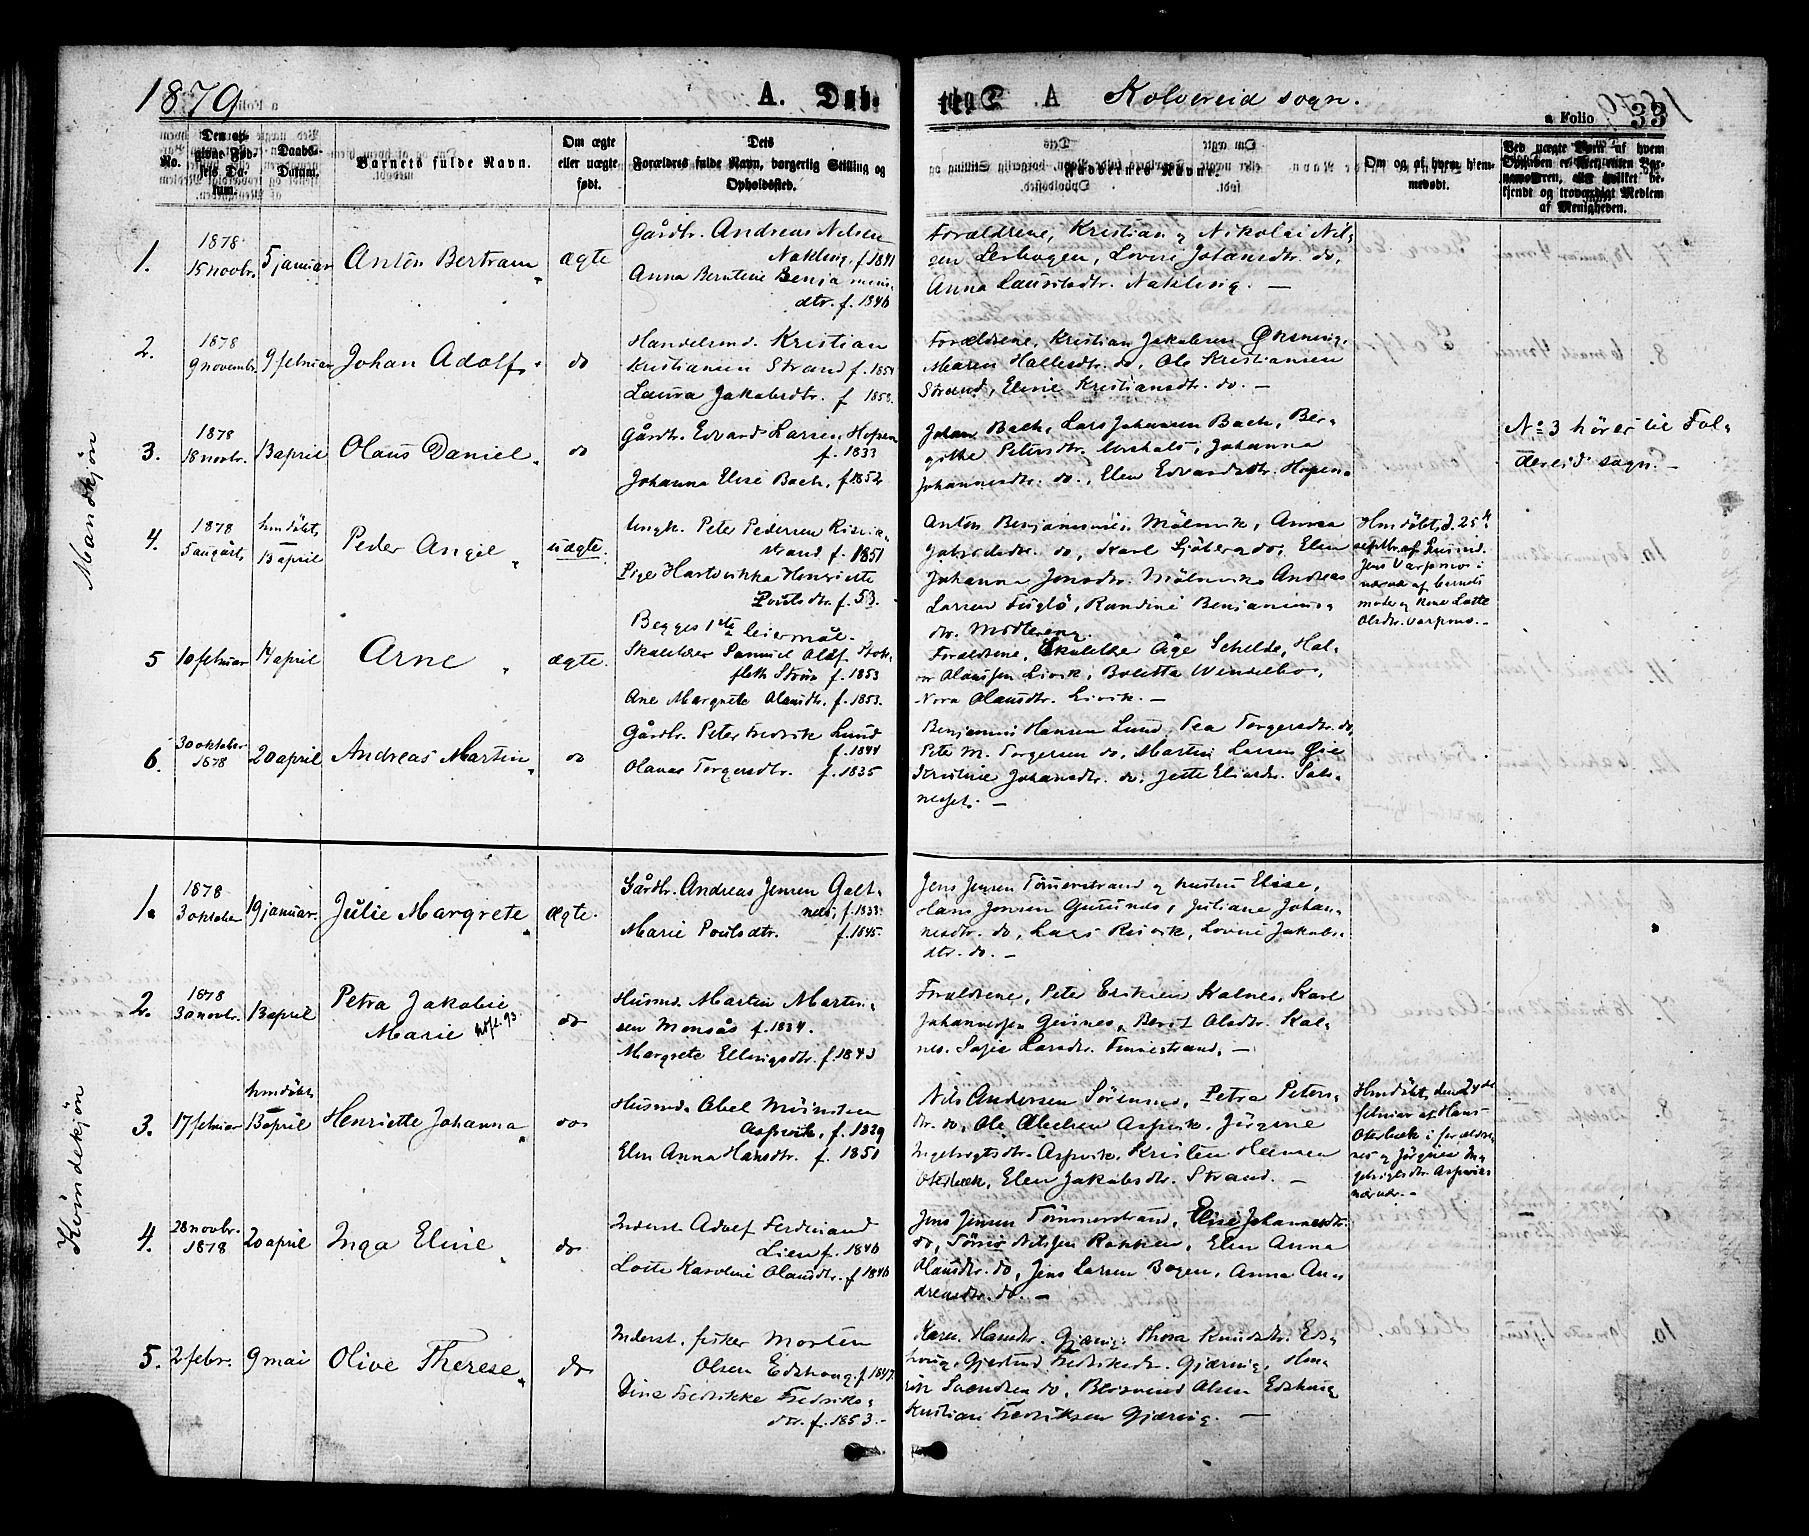 SAT, Ministerialprotokoller, klokkerbøker og fødselsregistre - Nord-Trøndelag, 780/L0642: Ministerialbok nr. 780A07 /1, 1874-1885, s. 33